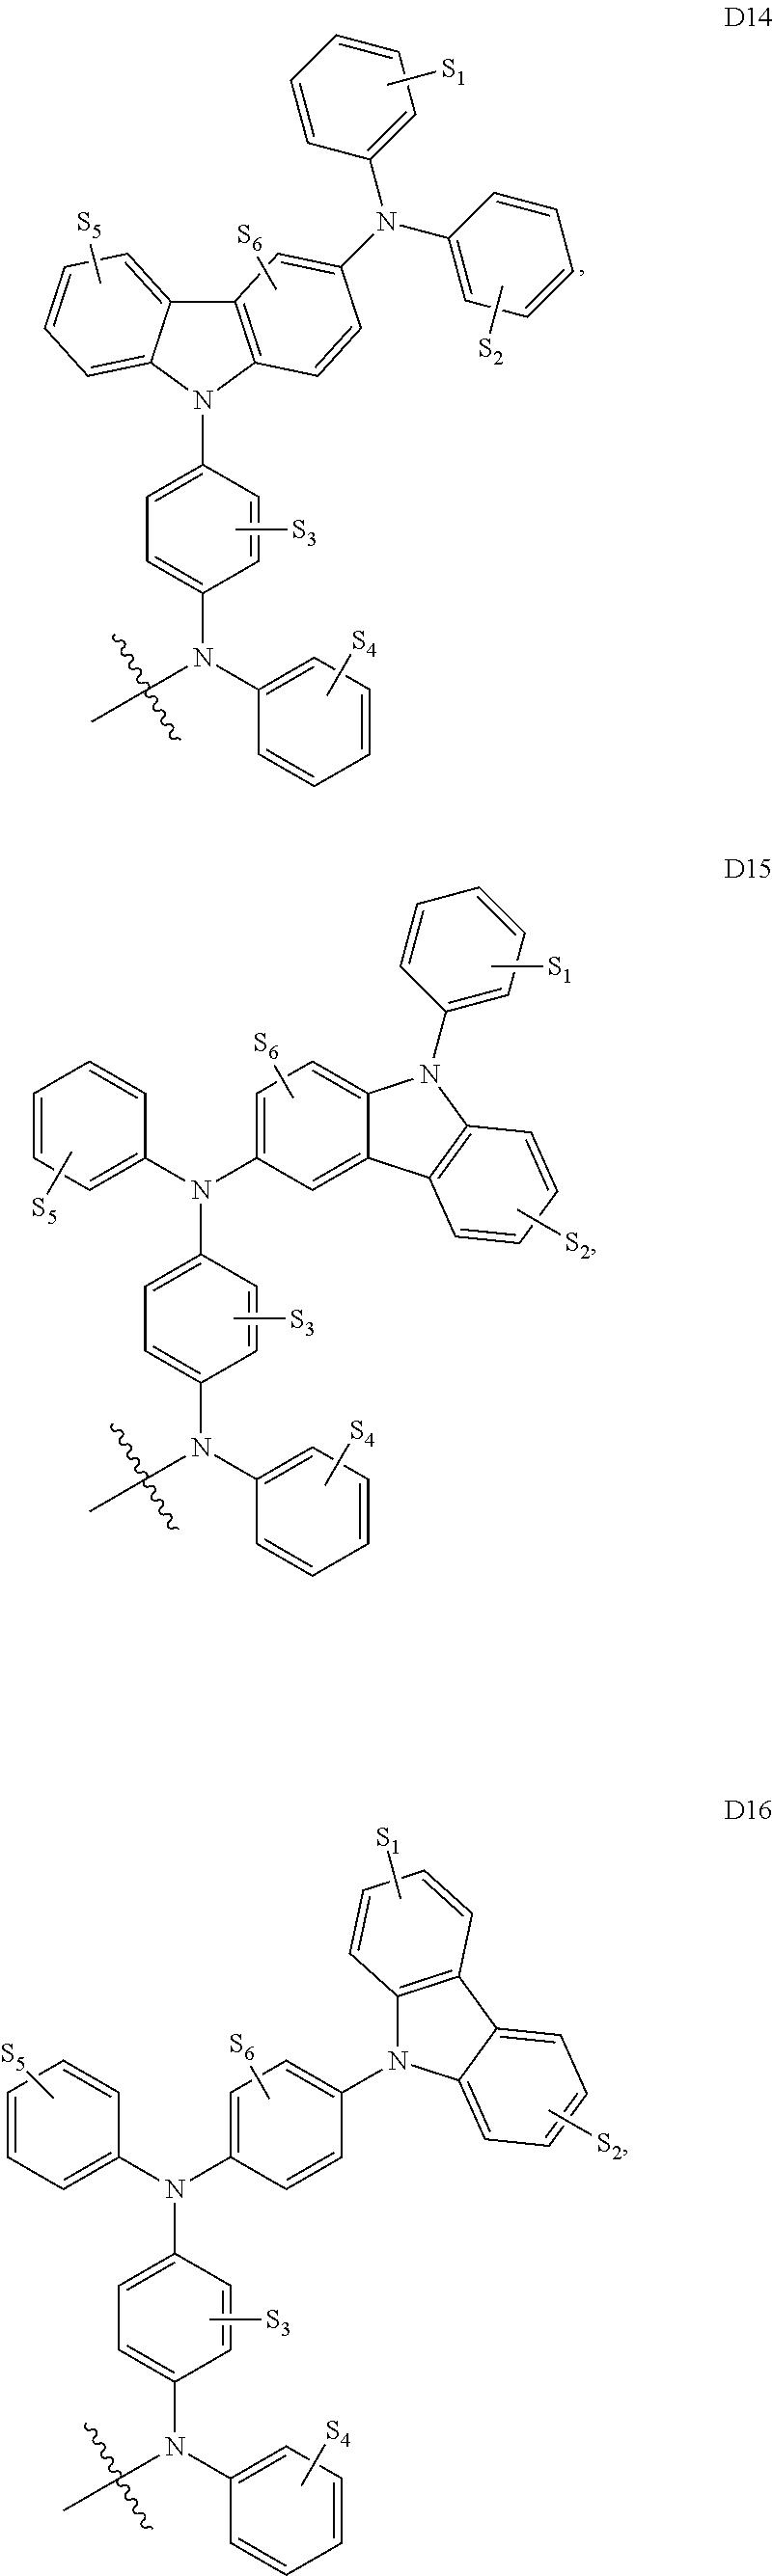 Figure US09324949-20160426-C00050